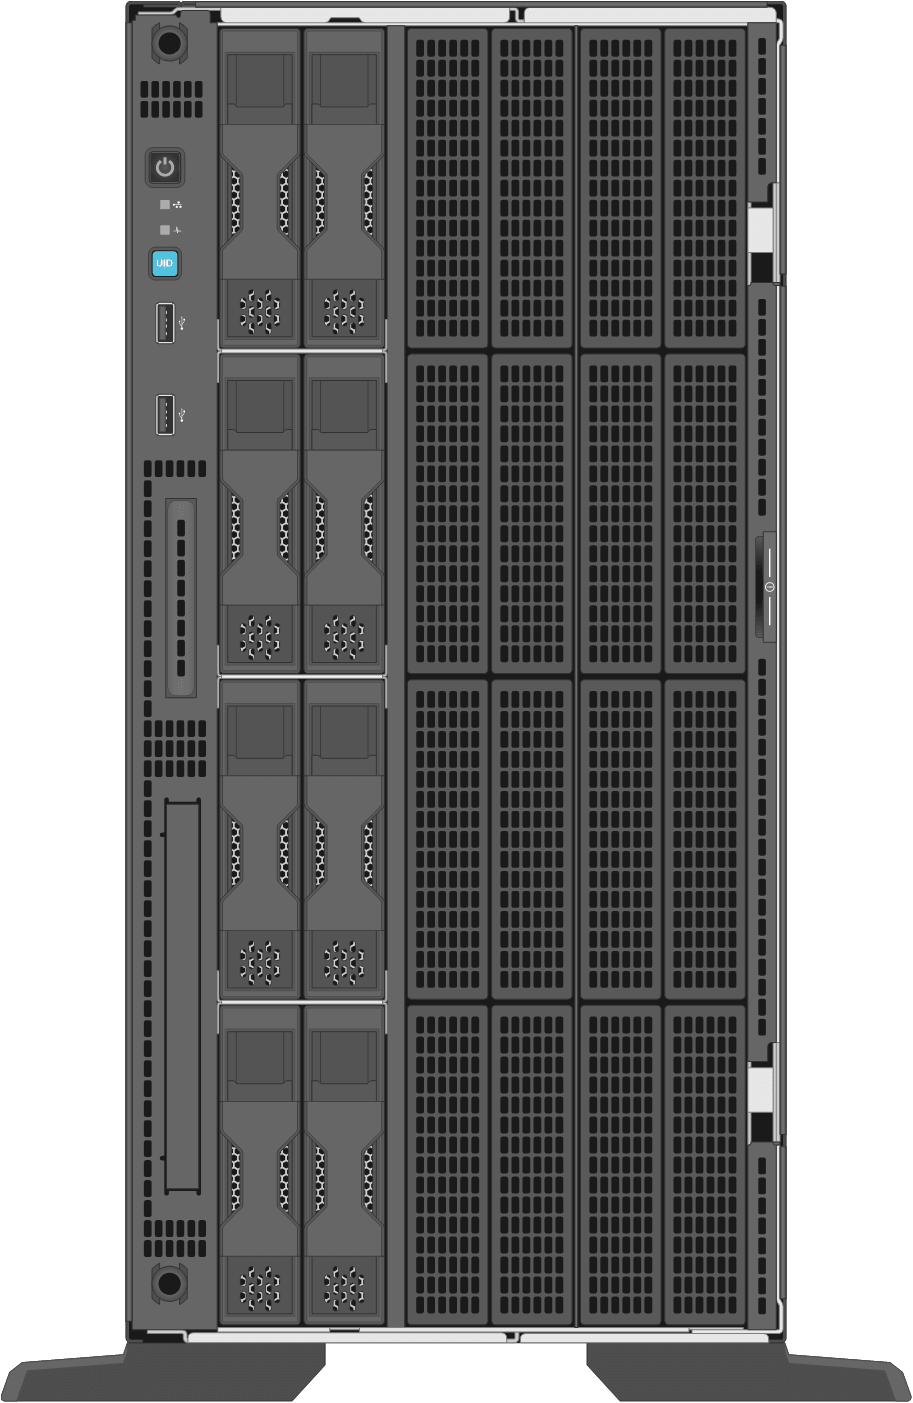 hpe-proliant-ml_ML350-Gen9-LFF-Tower